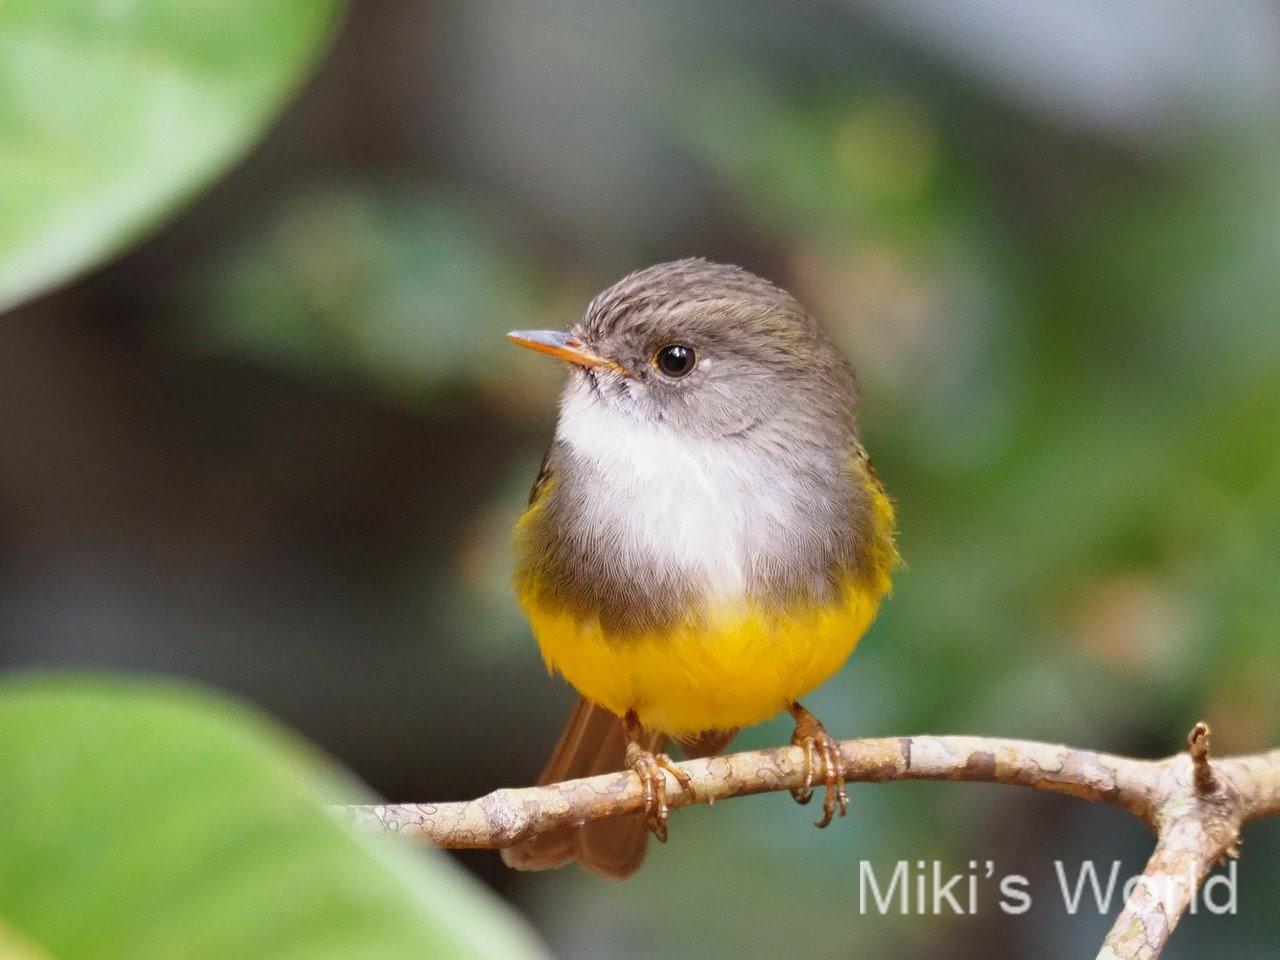 ニューカレドニアの鳥 固有種17種 これからまた増えそう!